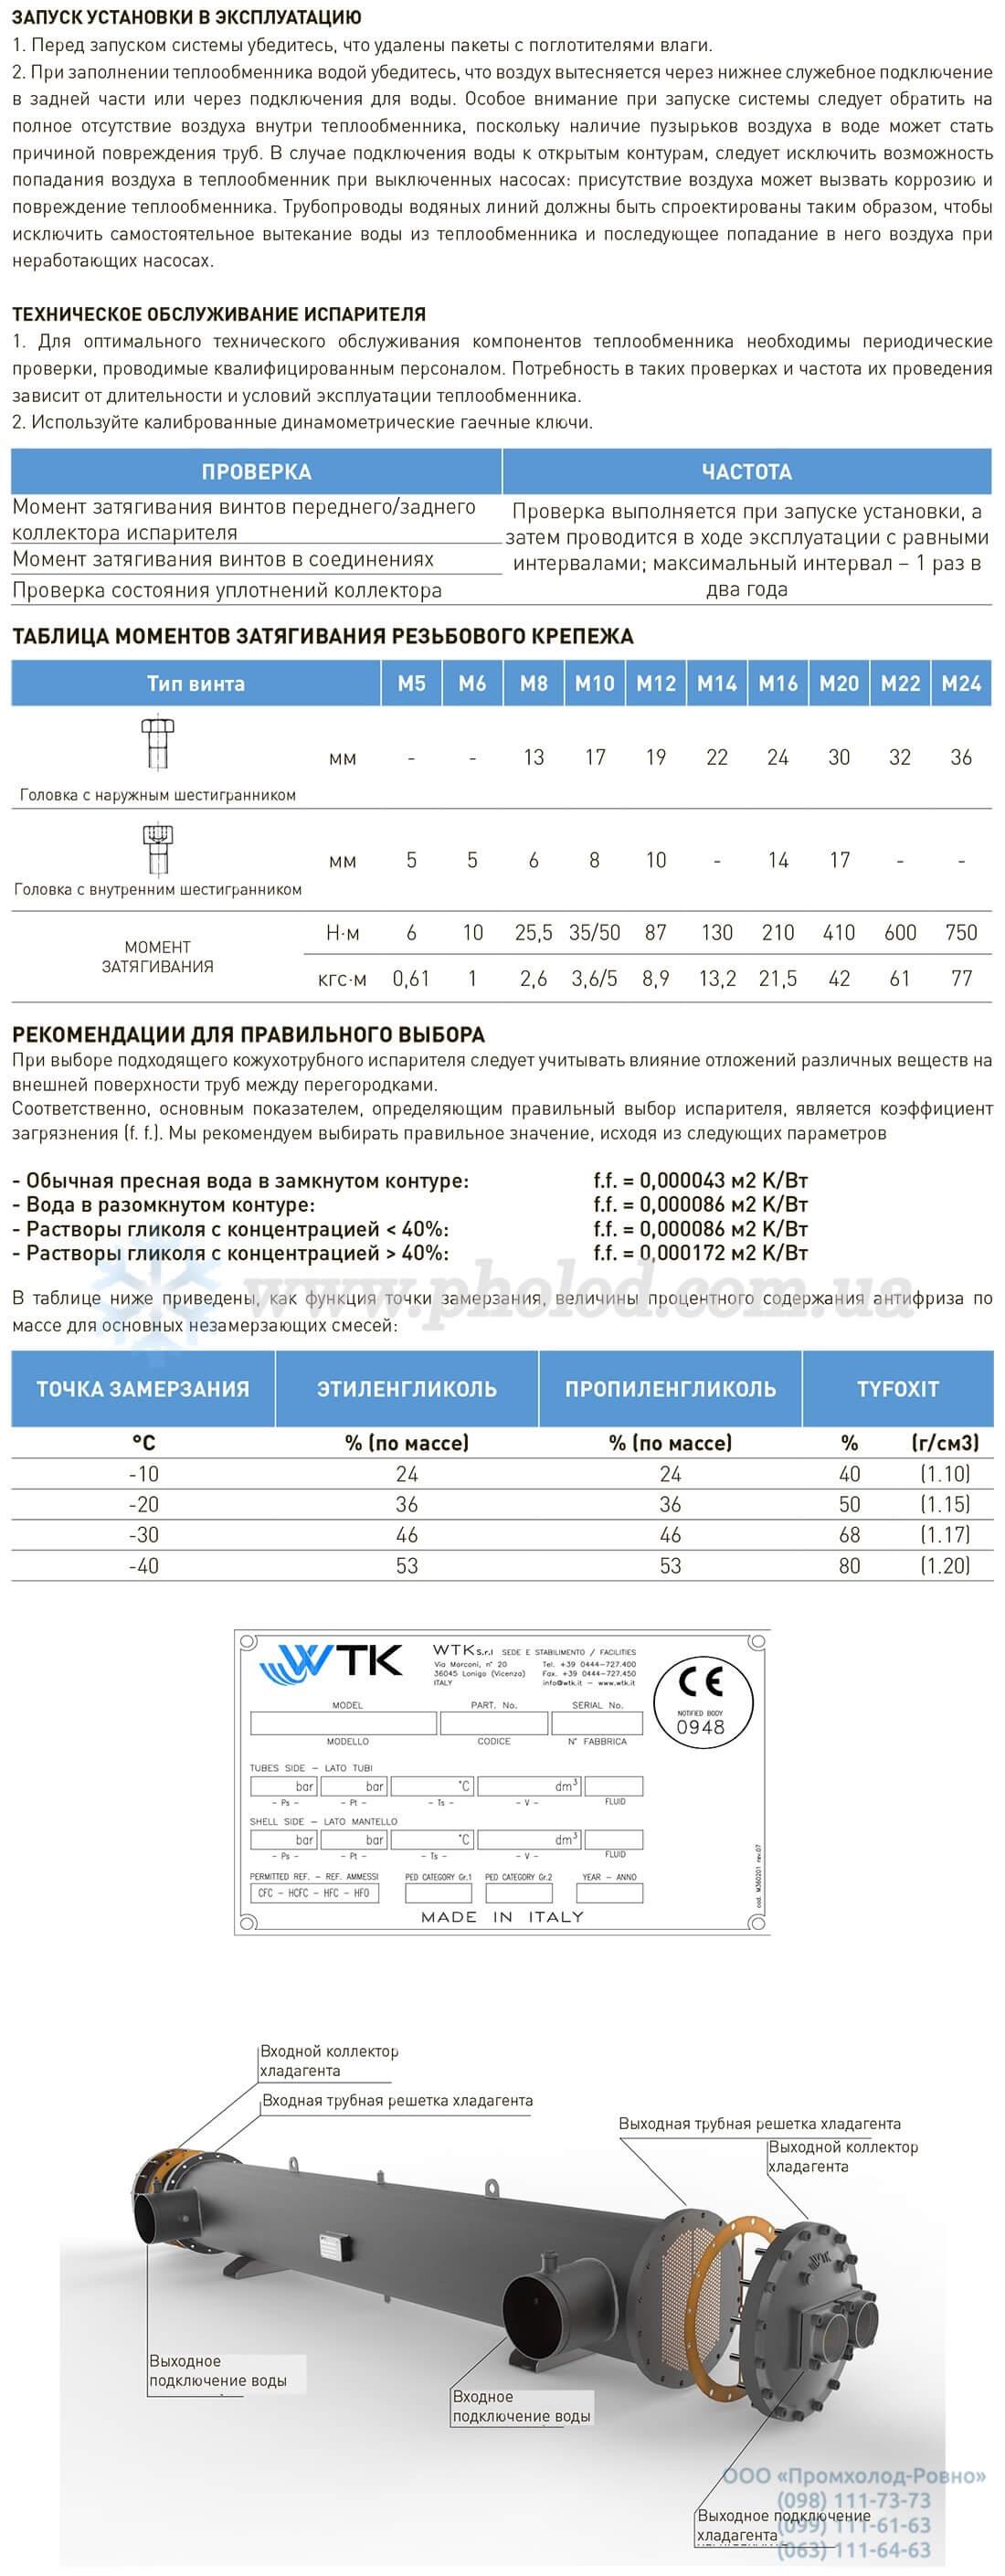 WTK SPE_DPE_TPE - 1